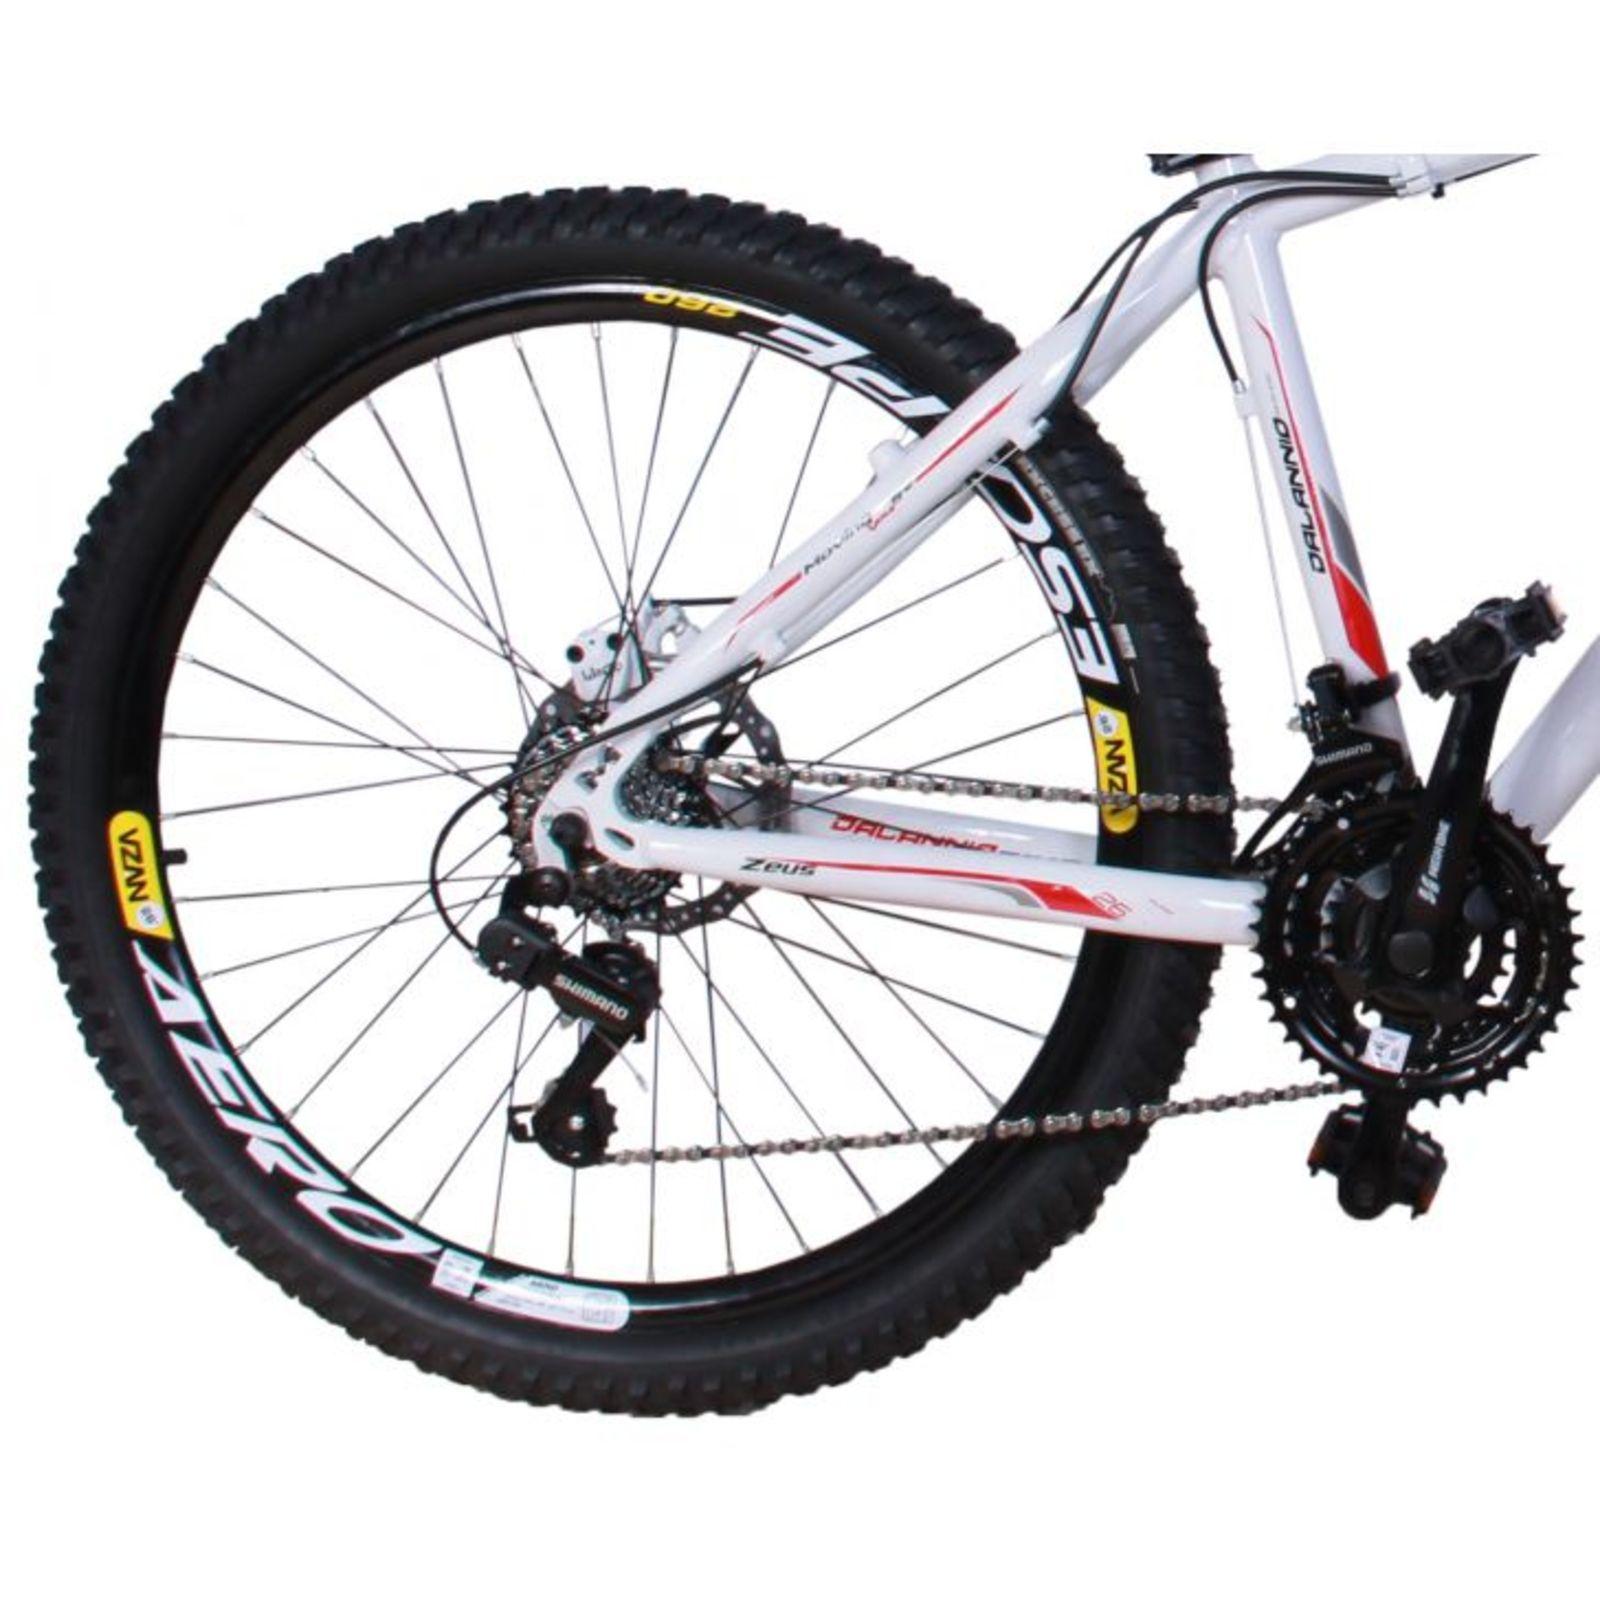 Bicicleta MTB Dalannio Bike Zeus Alumínio 21V Aro 29 Duplo ...